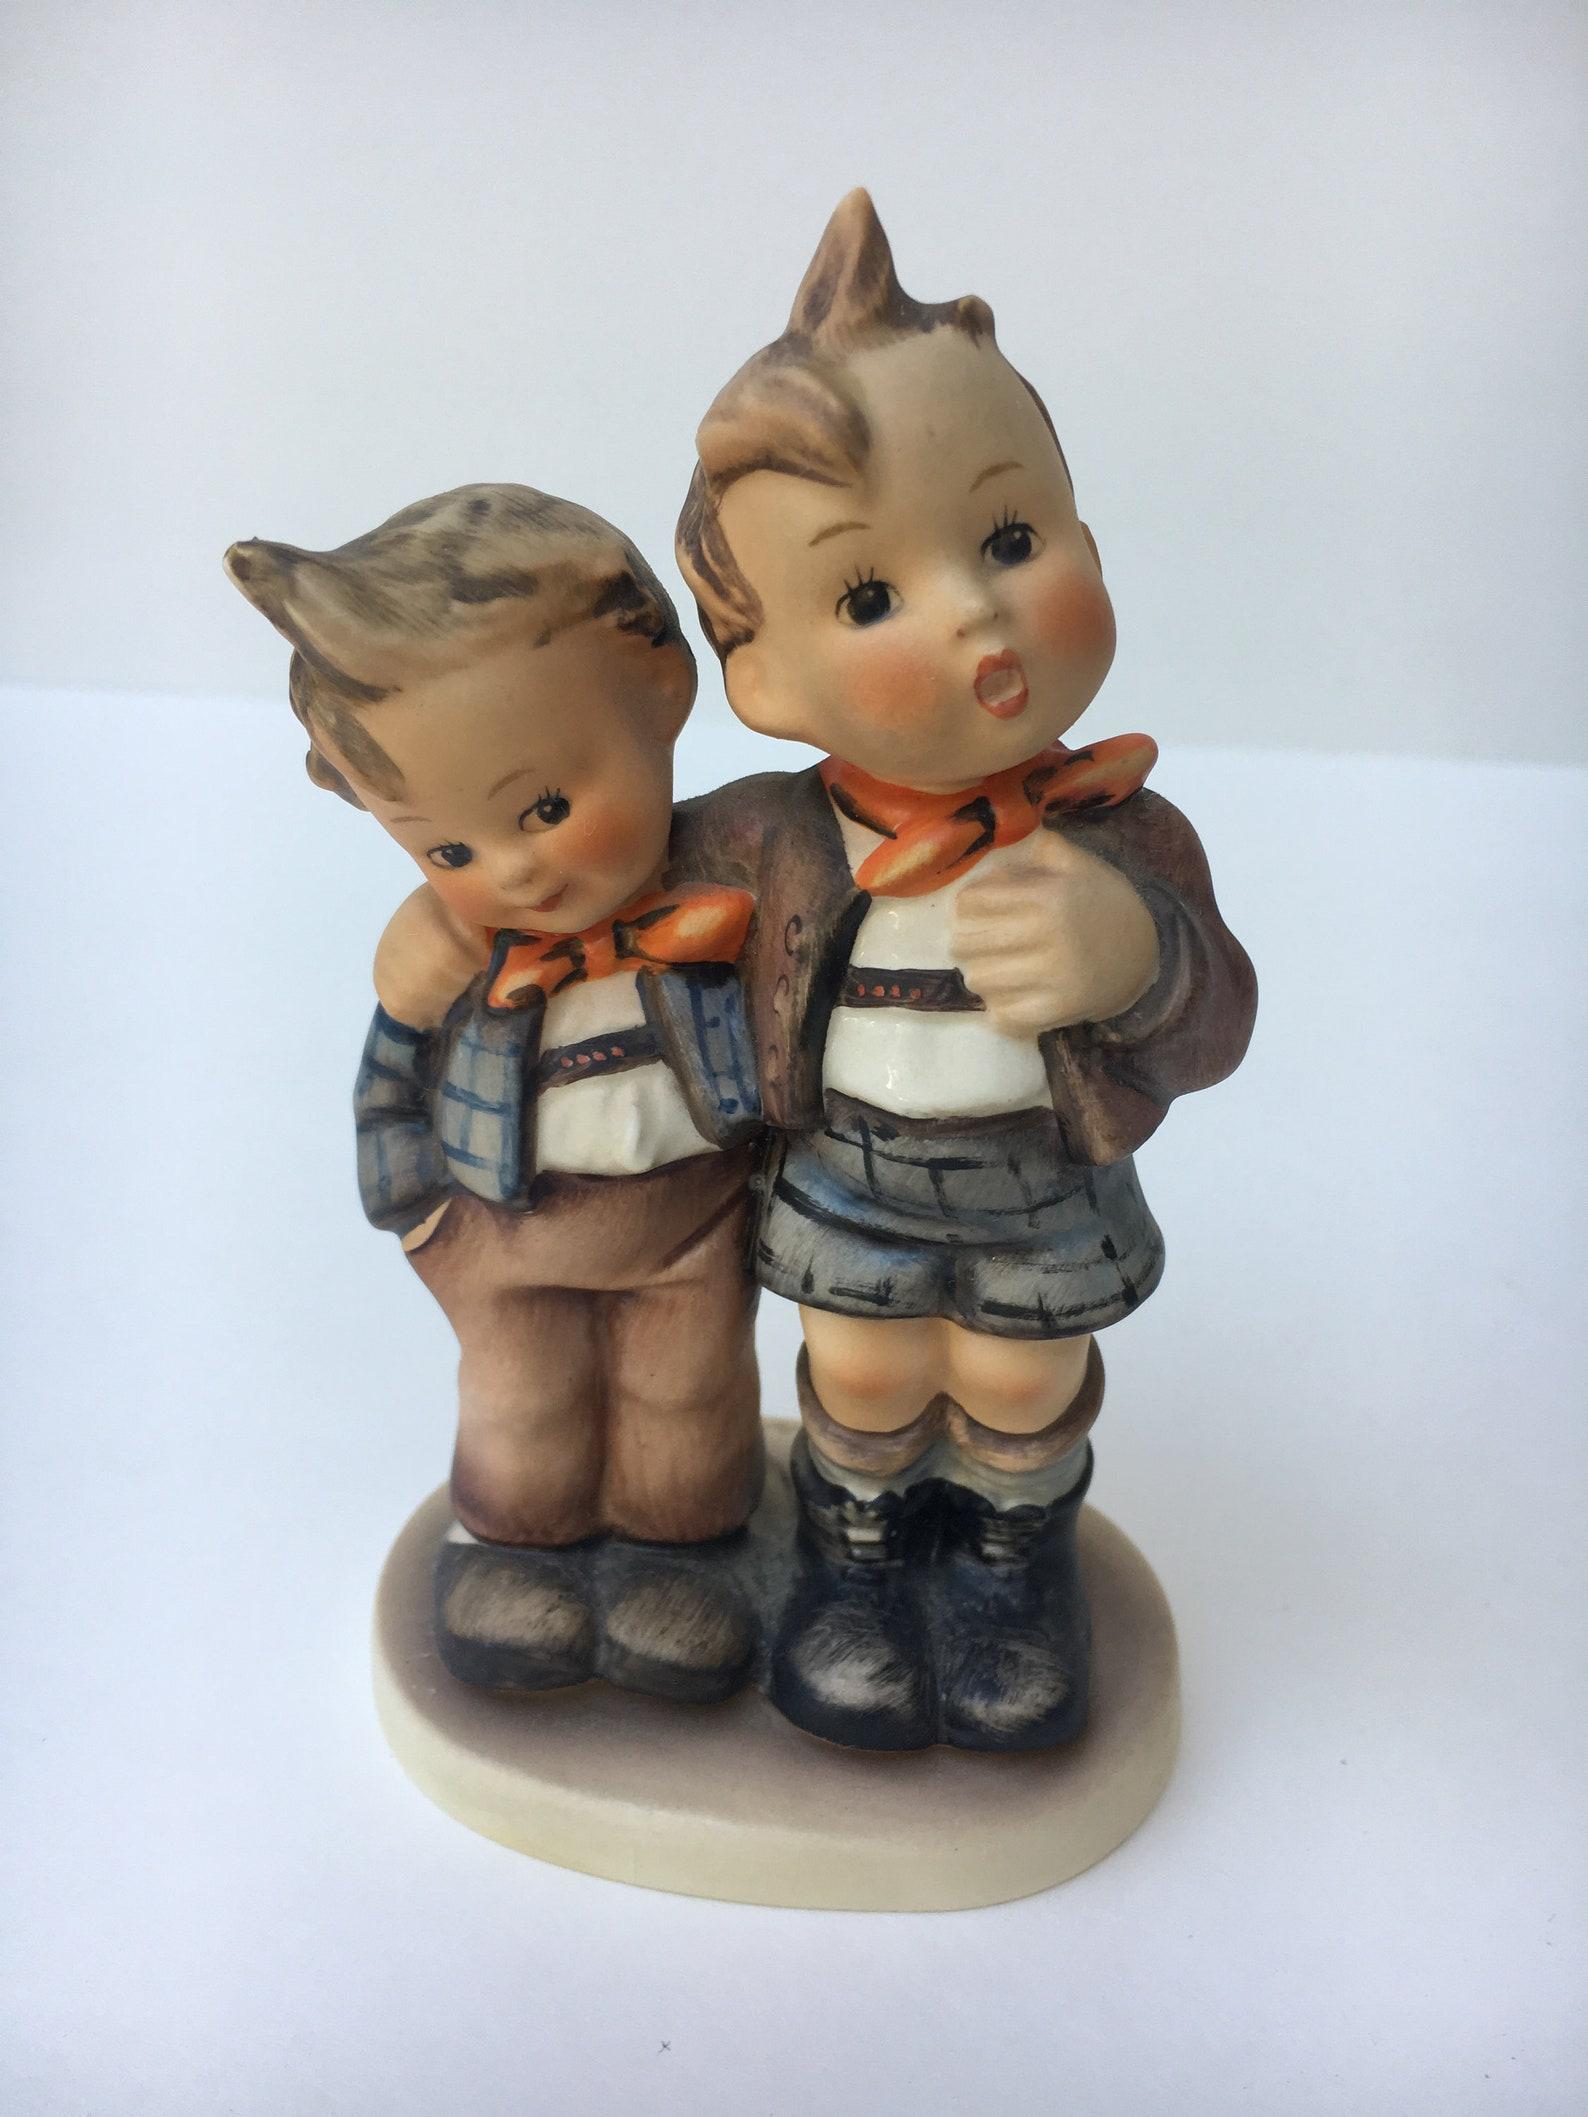 Vintage Hummel Figurine: Max and Moritz HUM 123